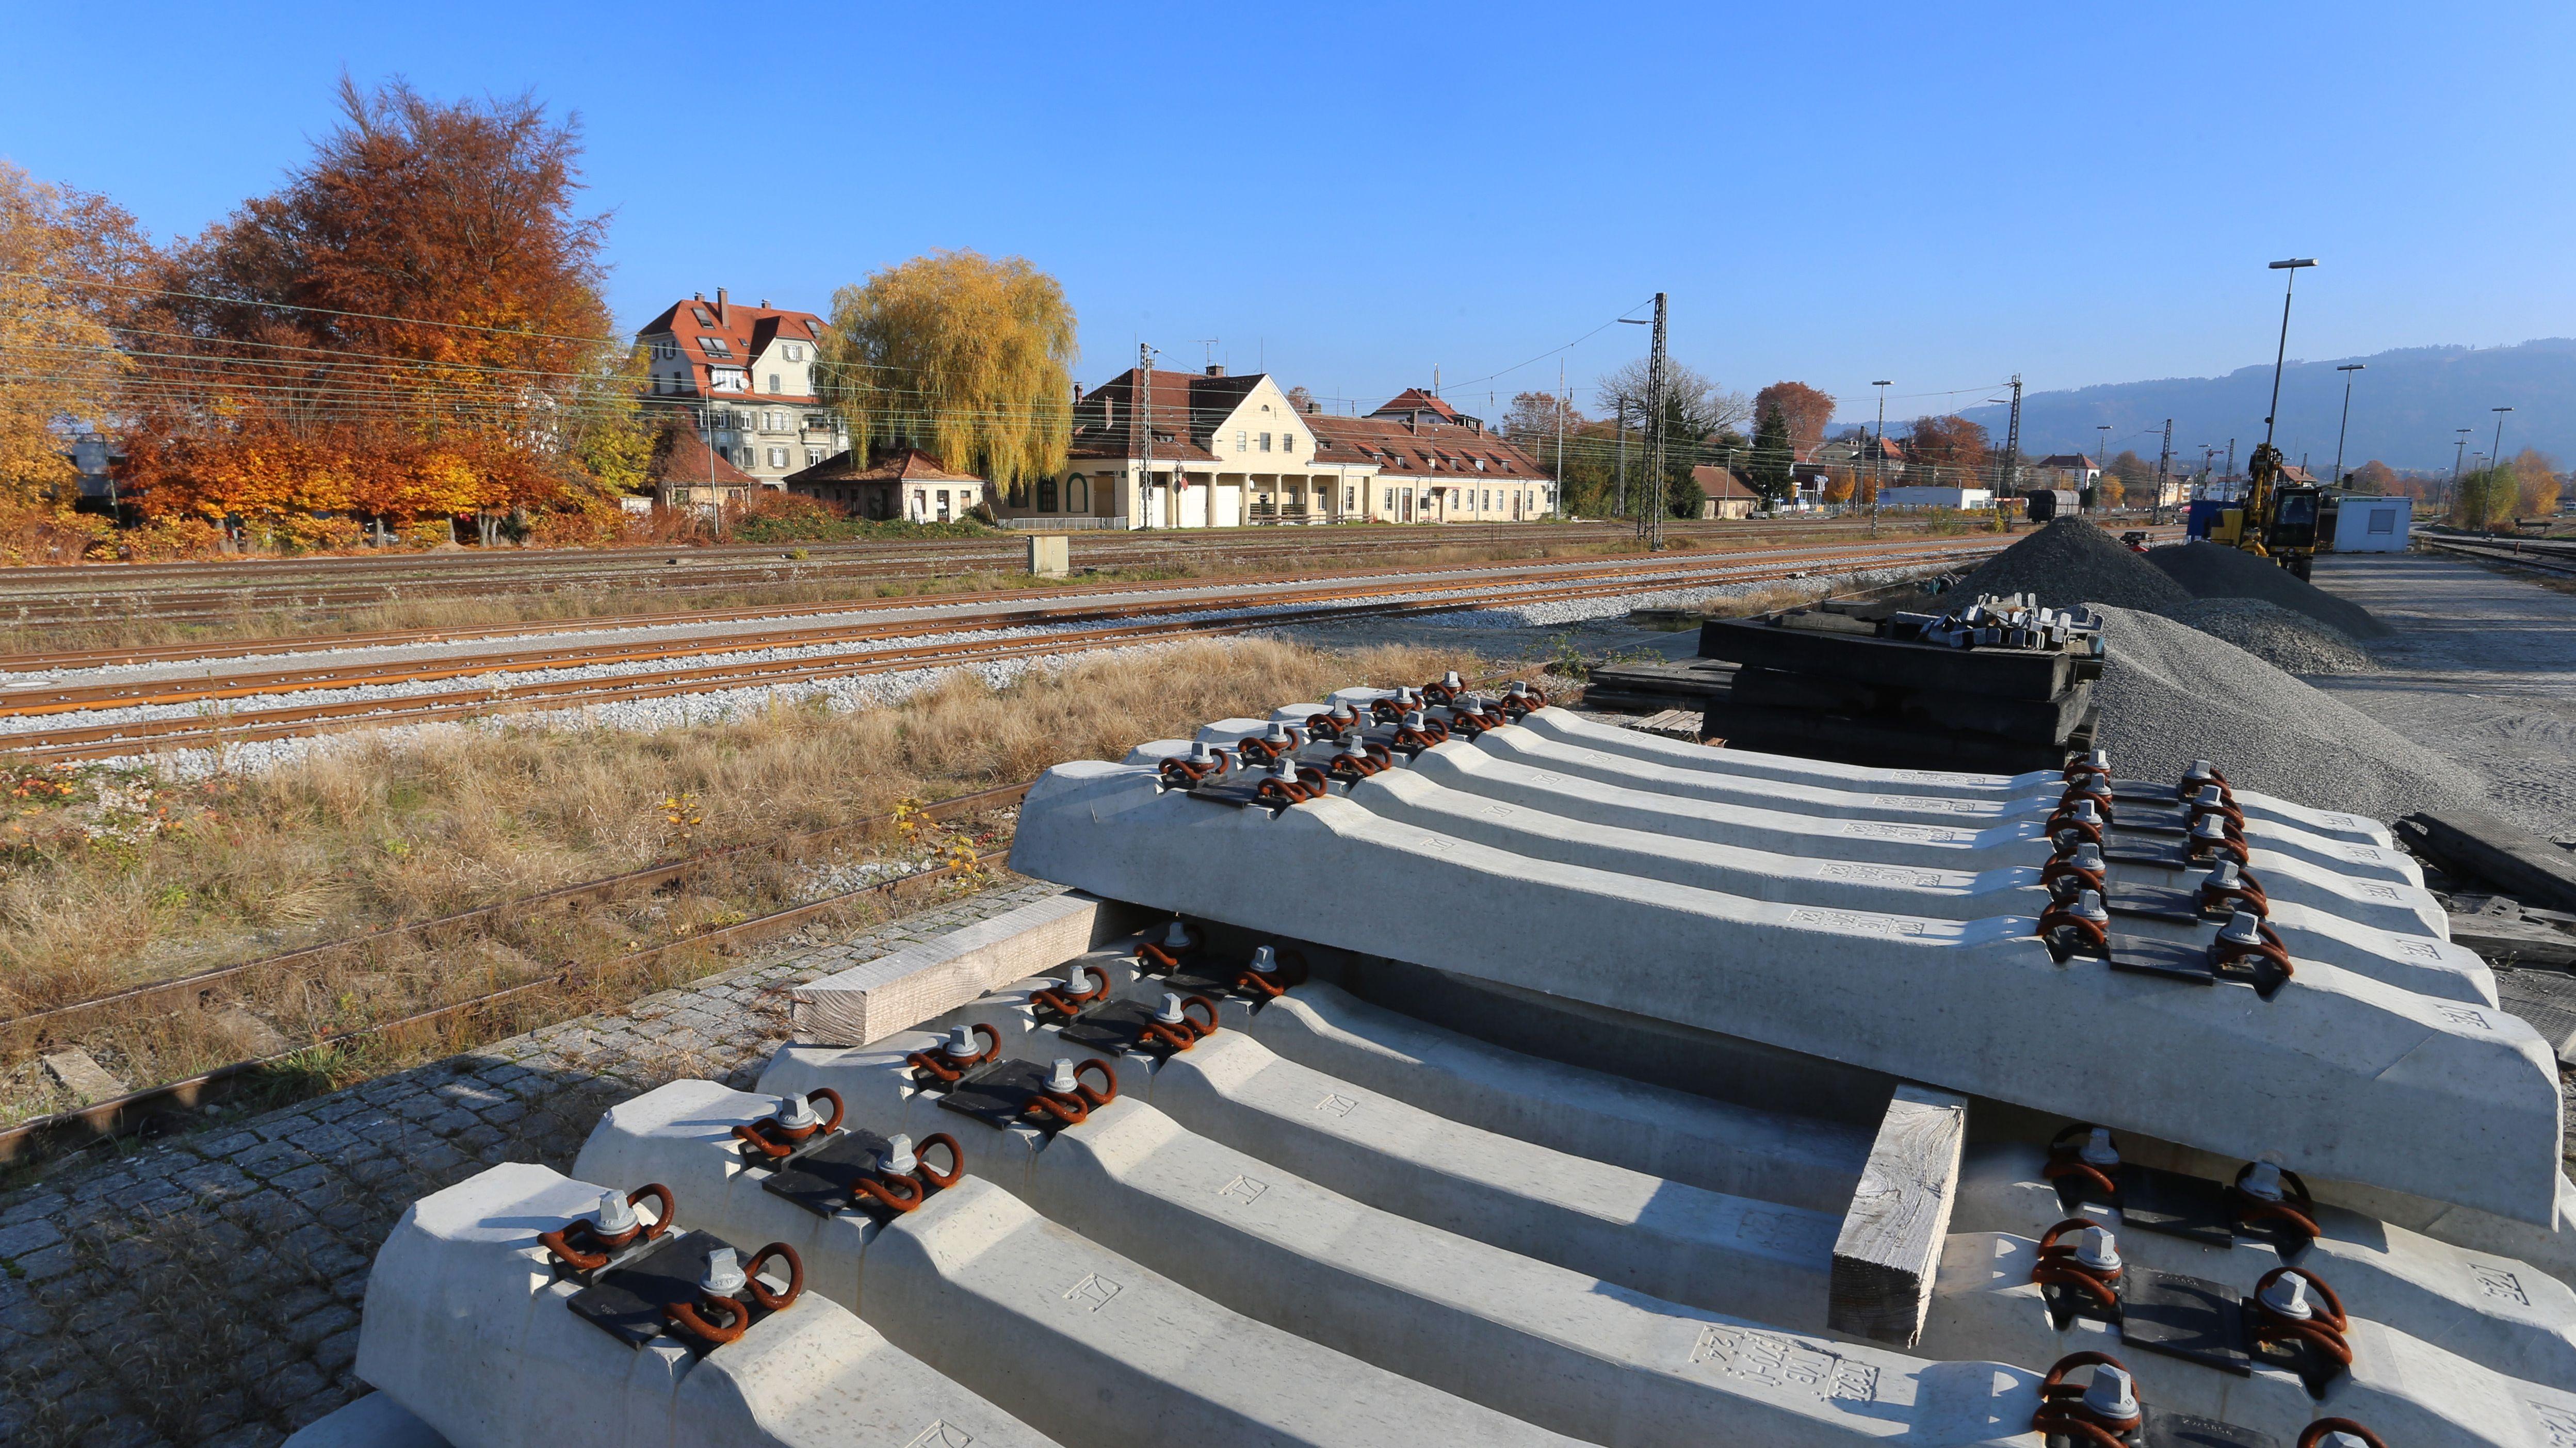 Blick auf den Bahnhof Lindau-Reutin